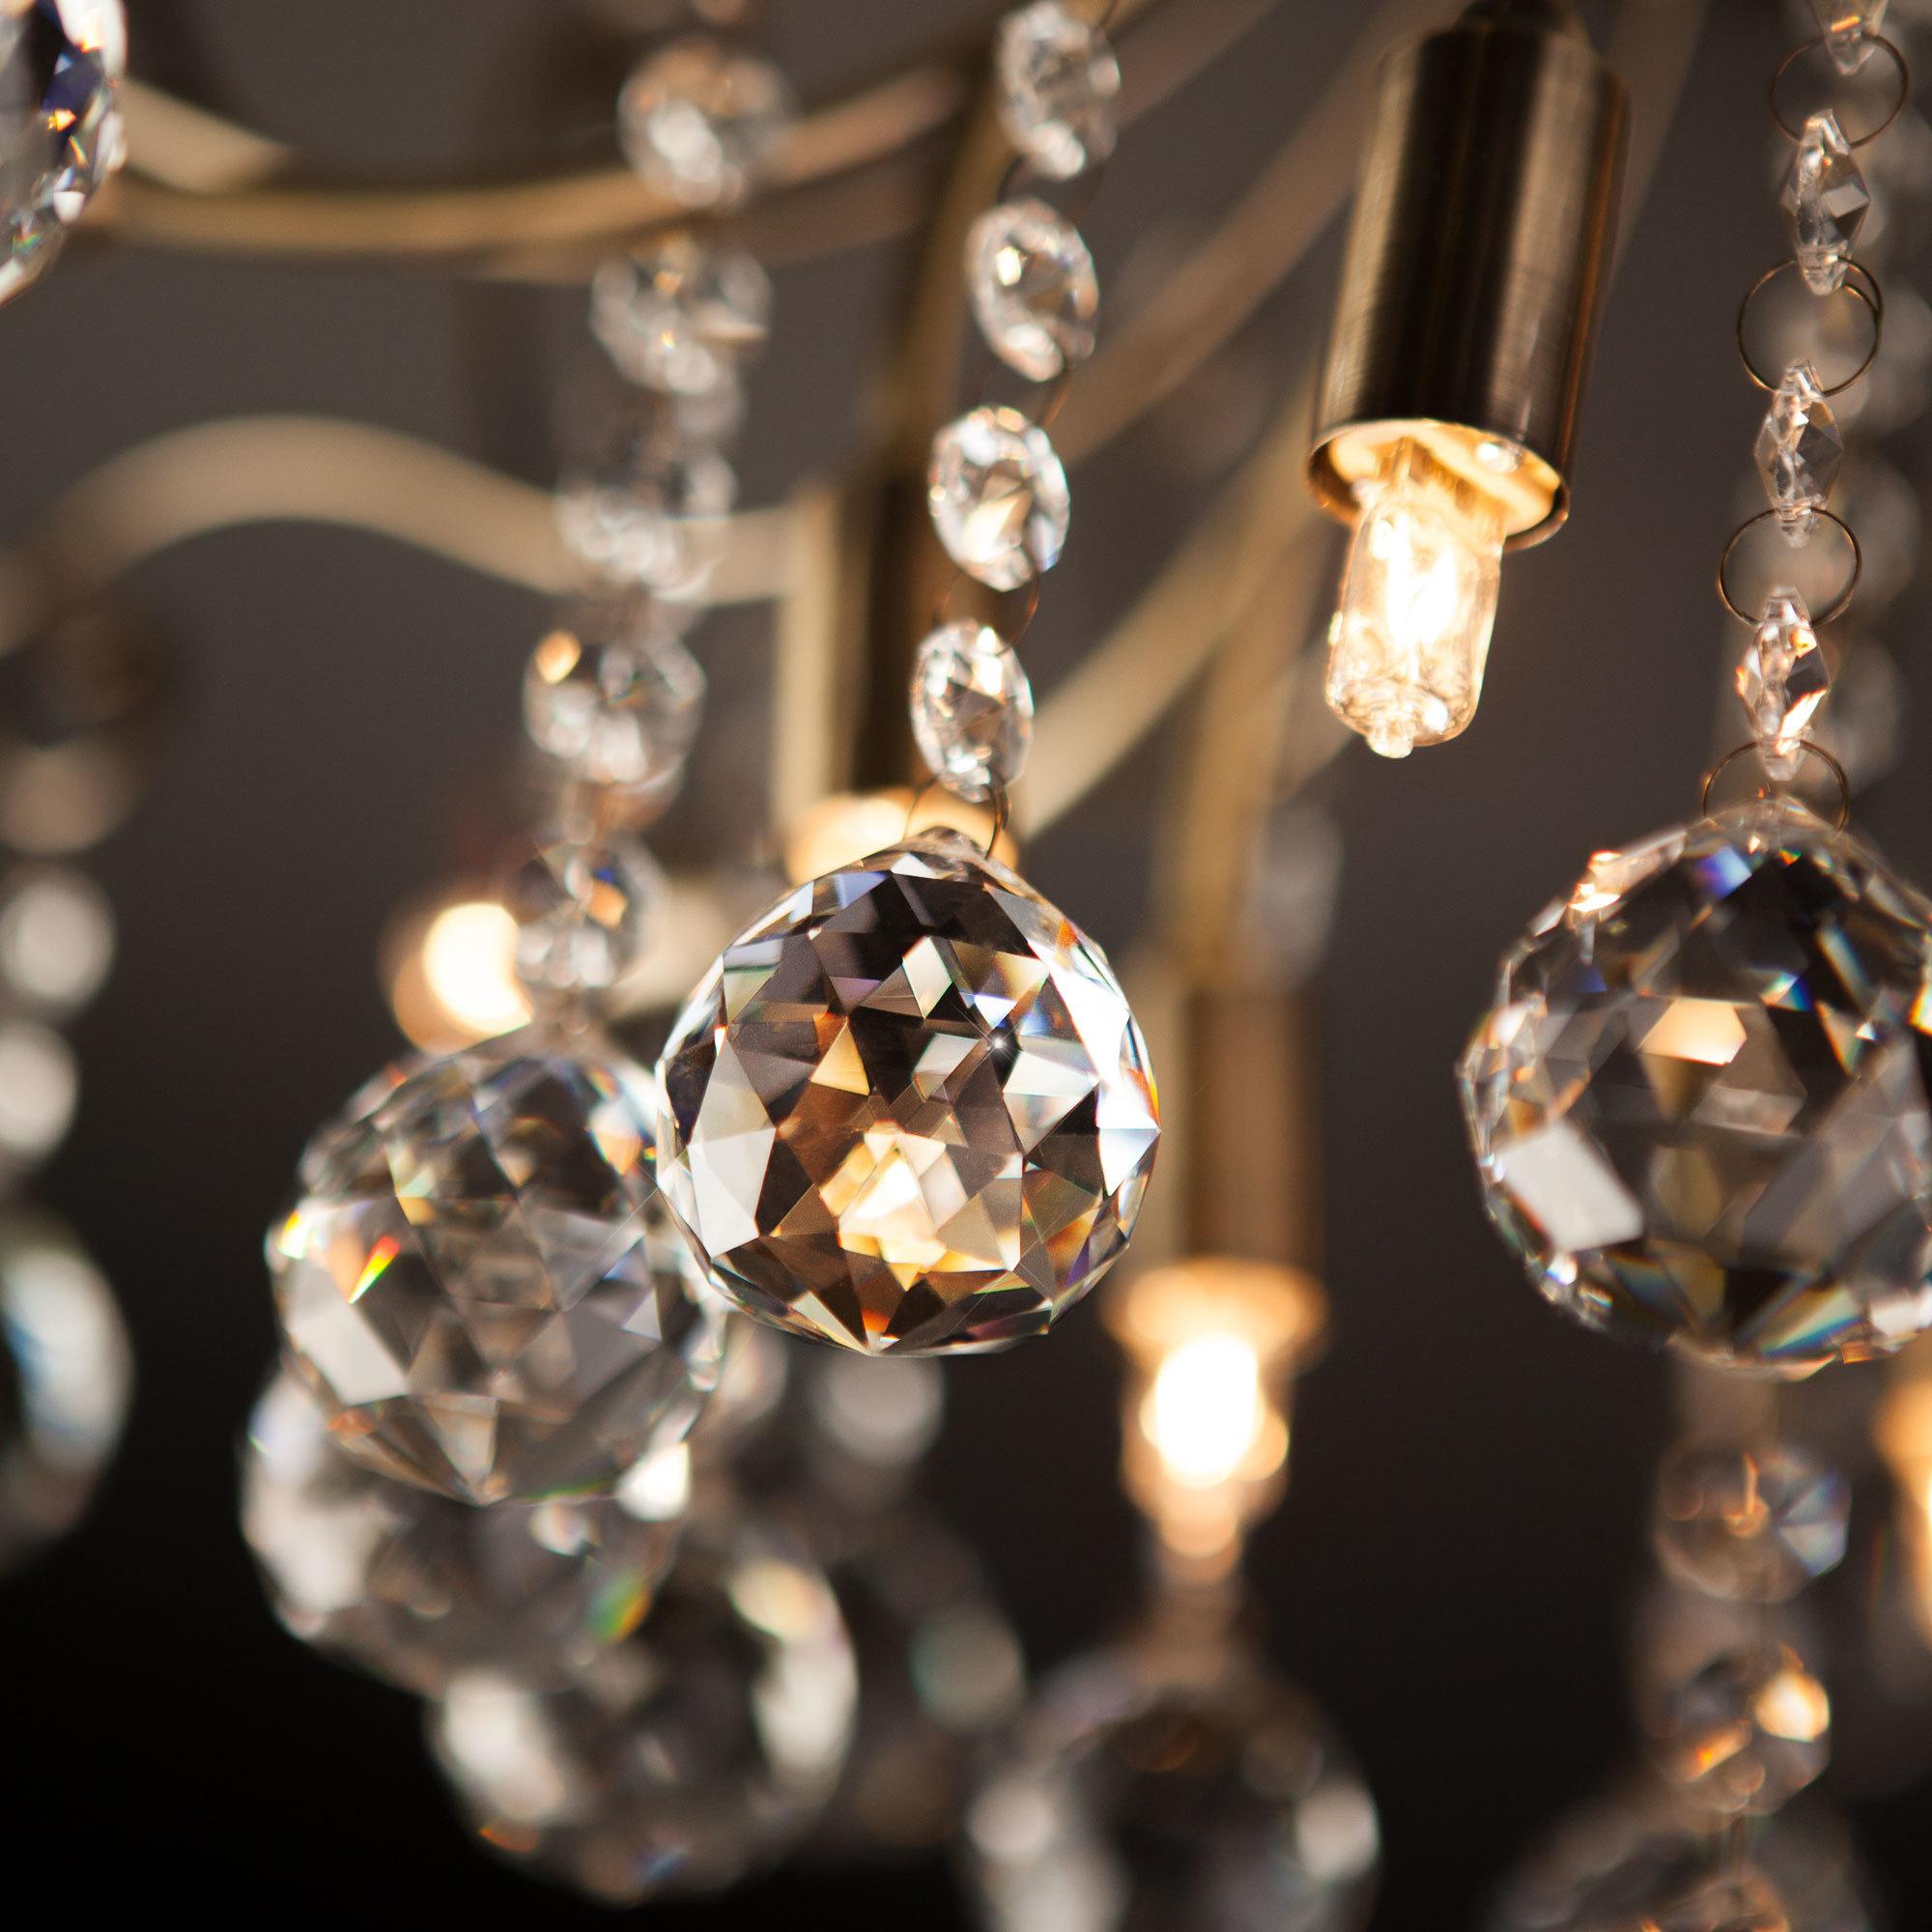 Лампа светодиодная Elektrostandard BL1110 G9 230 В 9 Вт цилиндр 750 лм белый свет